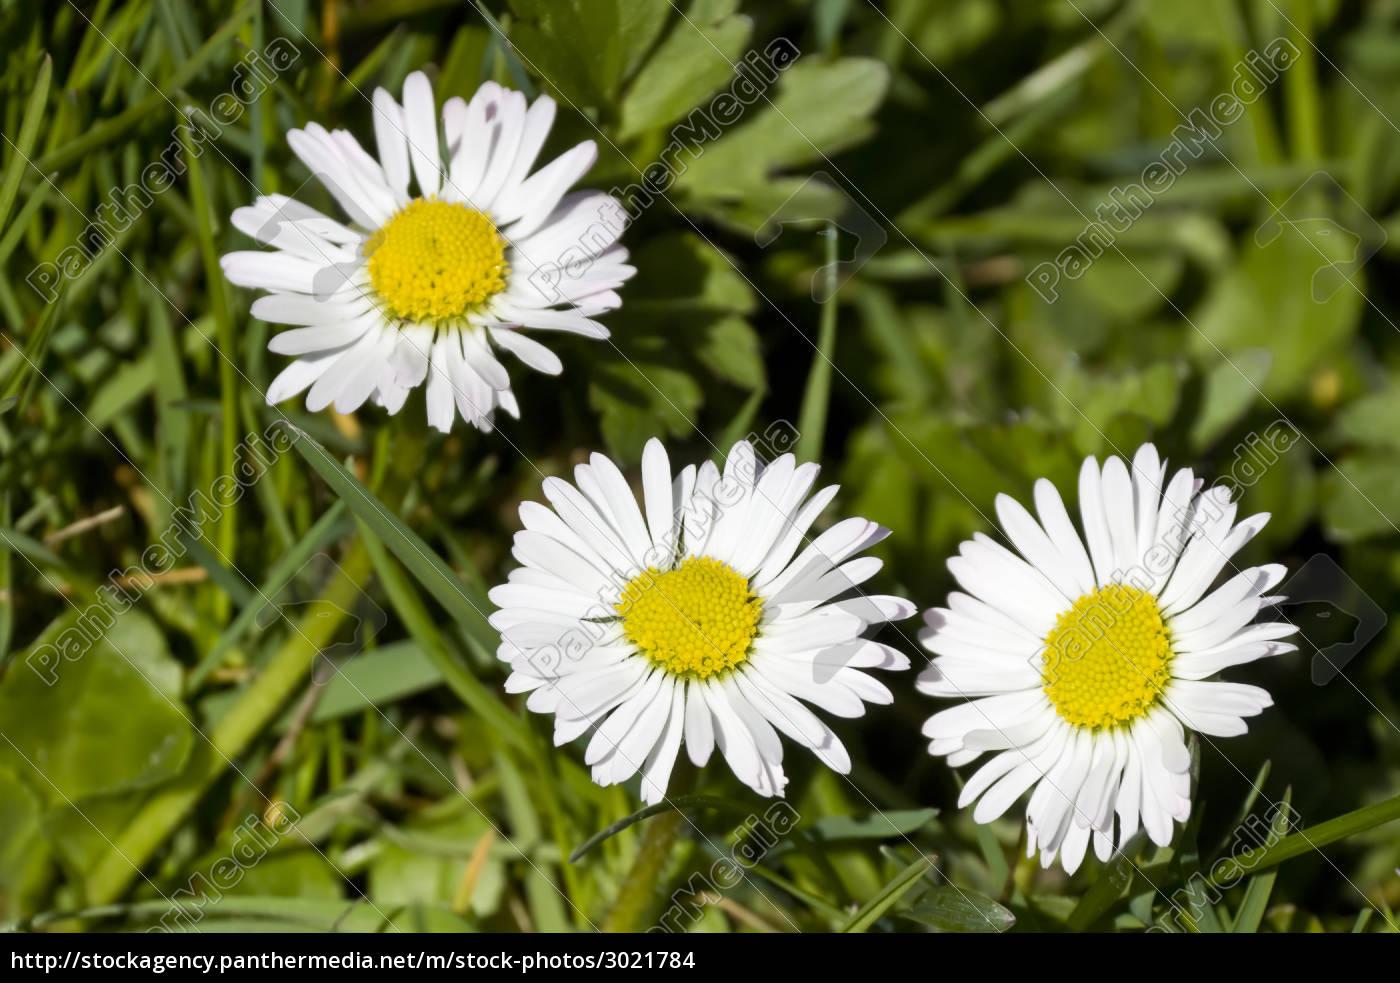 daisy - 3021784